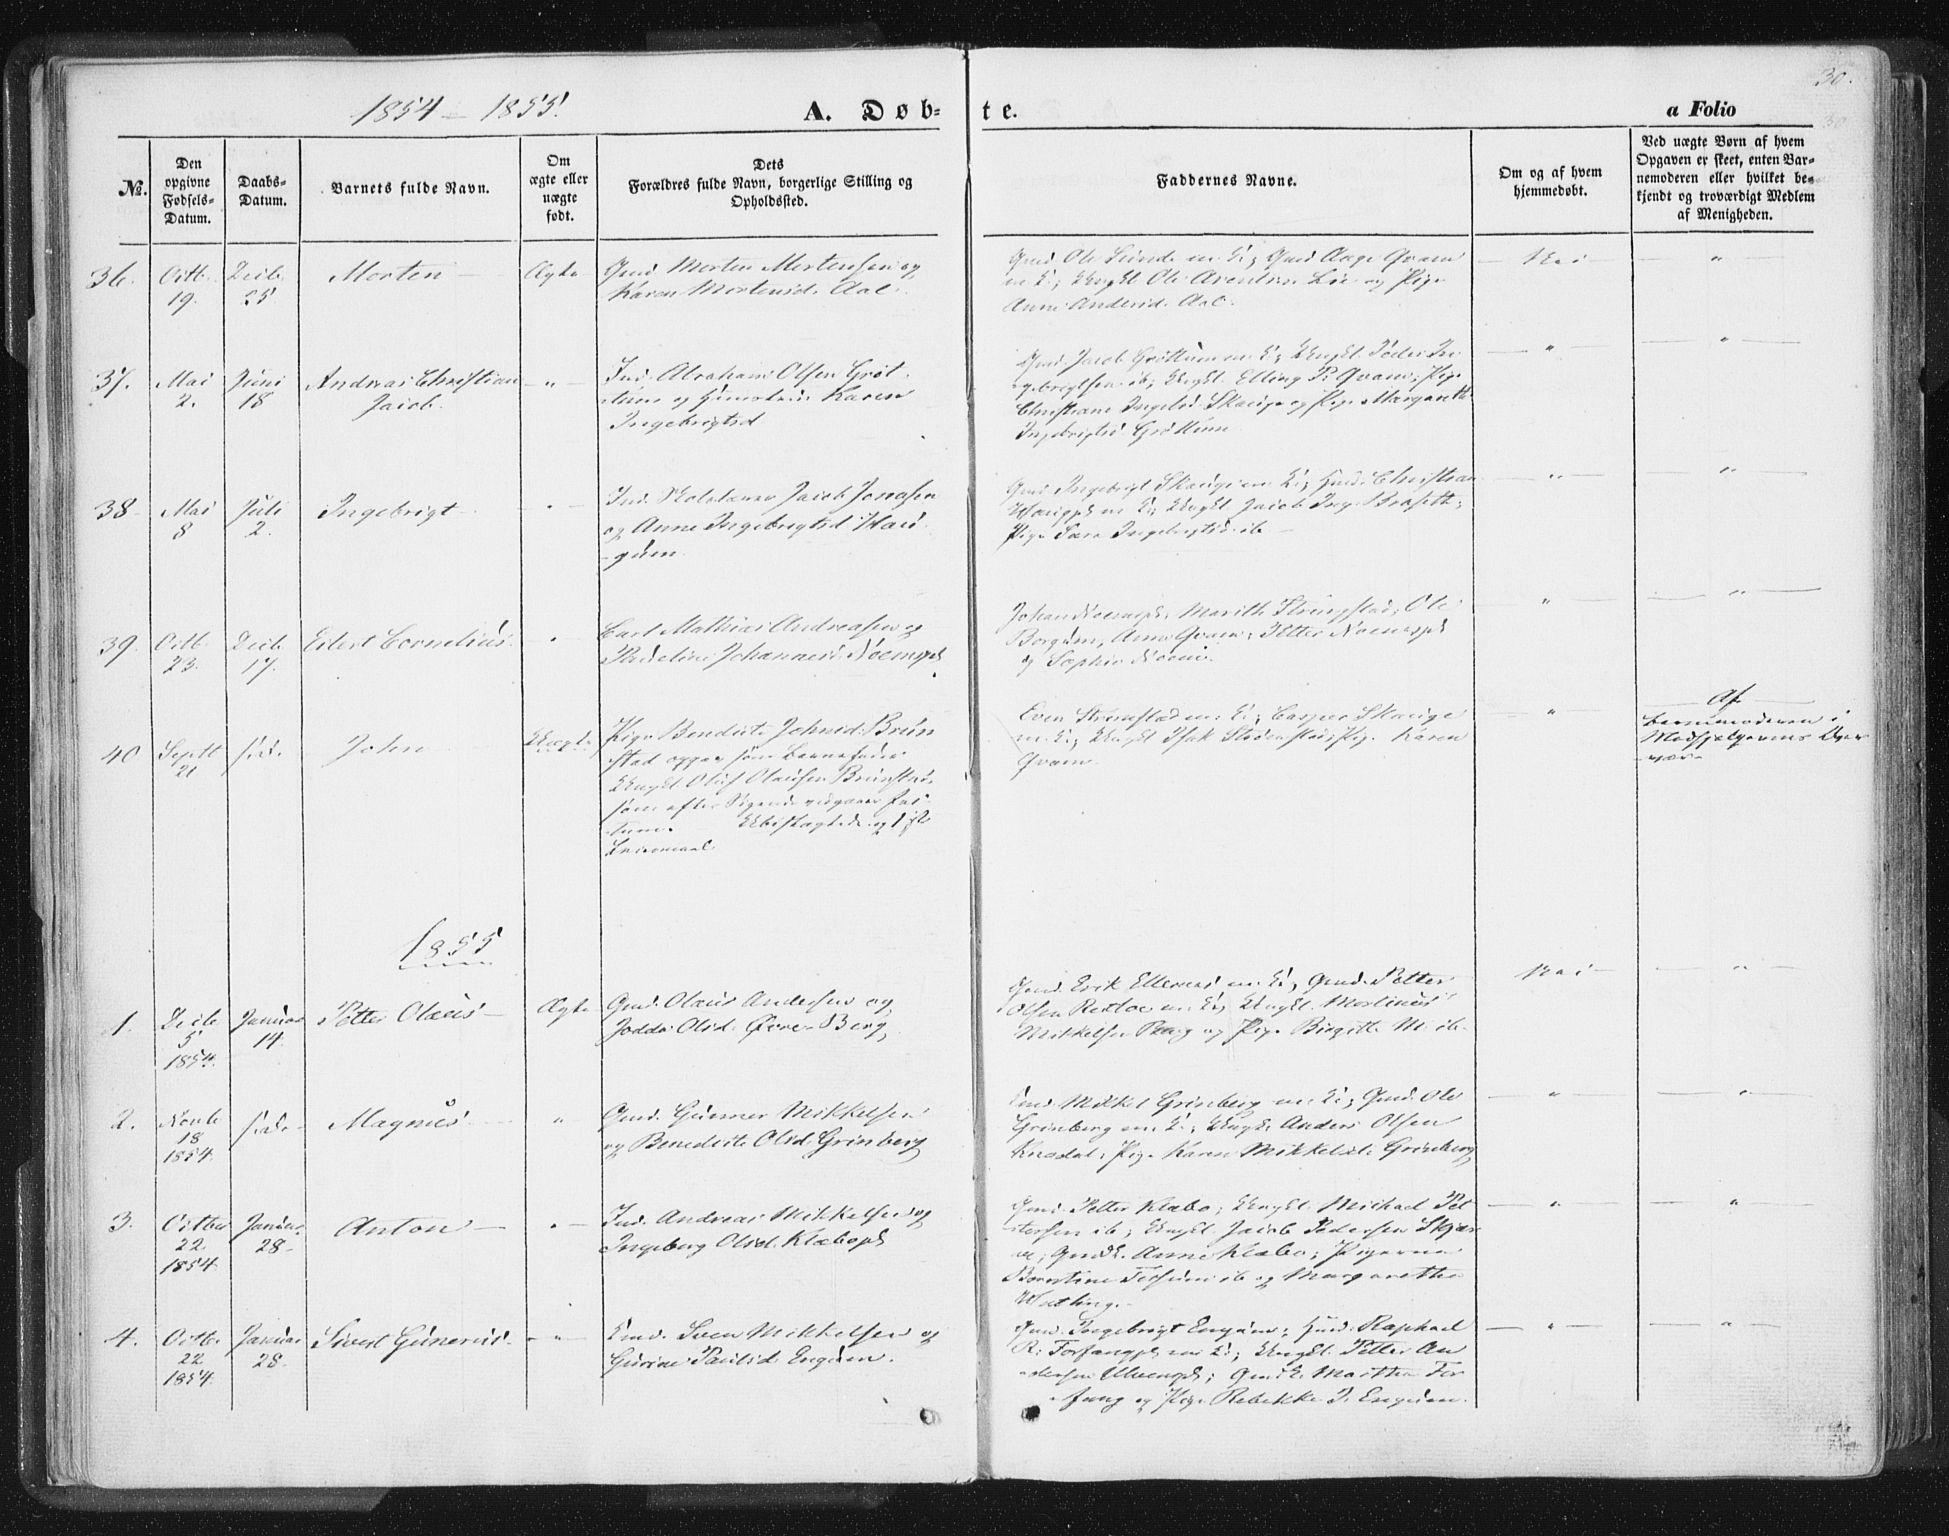 SAT, Ministerialprotokoller, klokkerbøker og fødselsregistre - Nord-Trøndelag, 746/L0446: Ministerialbok nr. 746A05, 1846-1859, s. 30